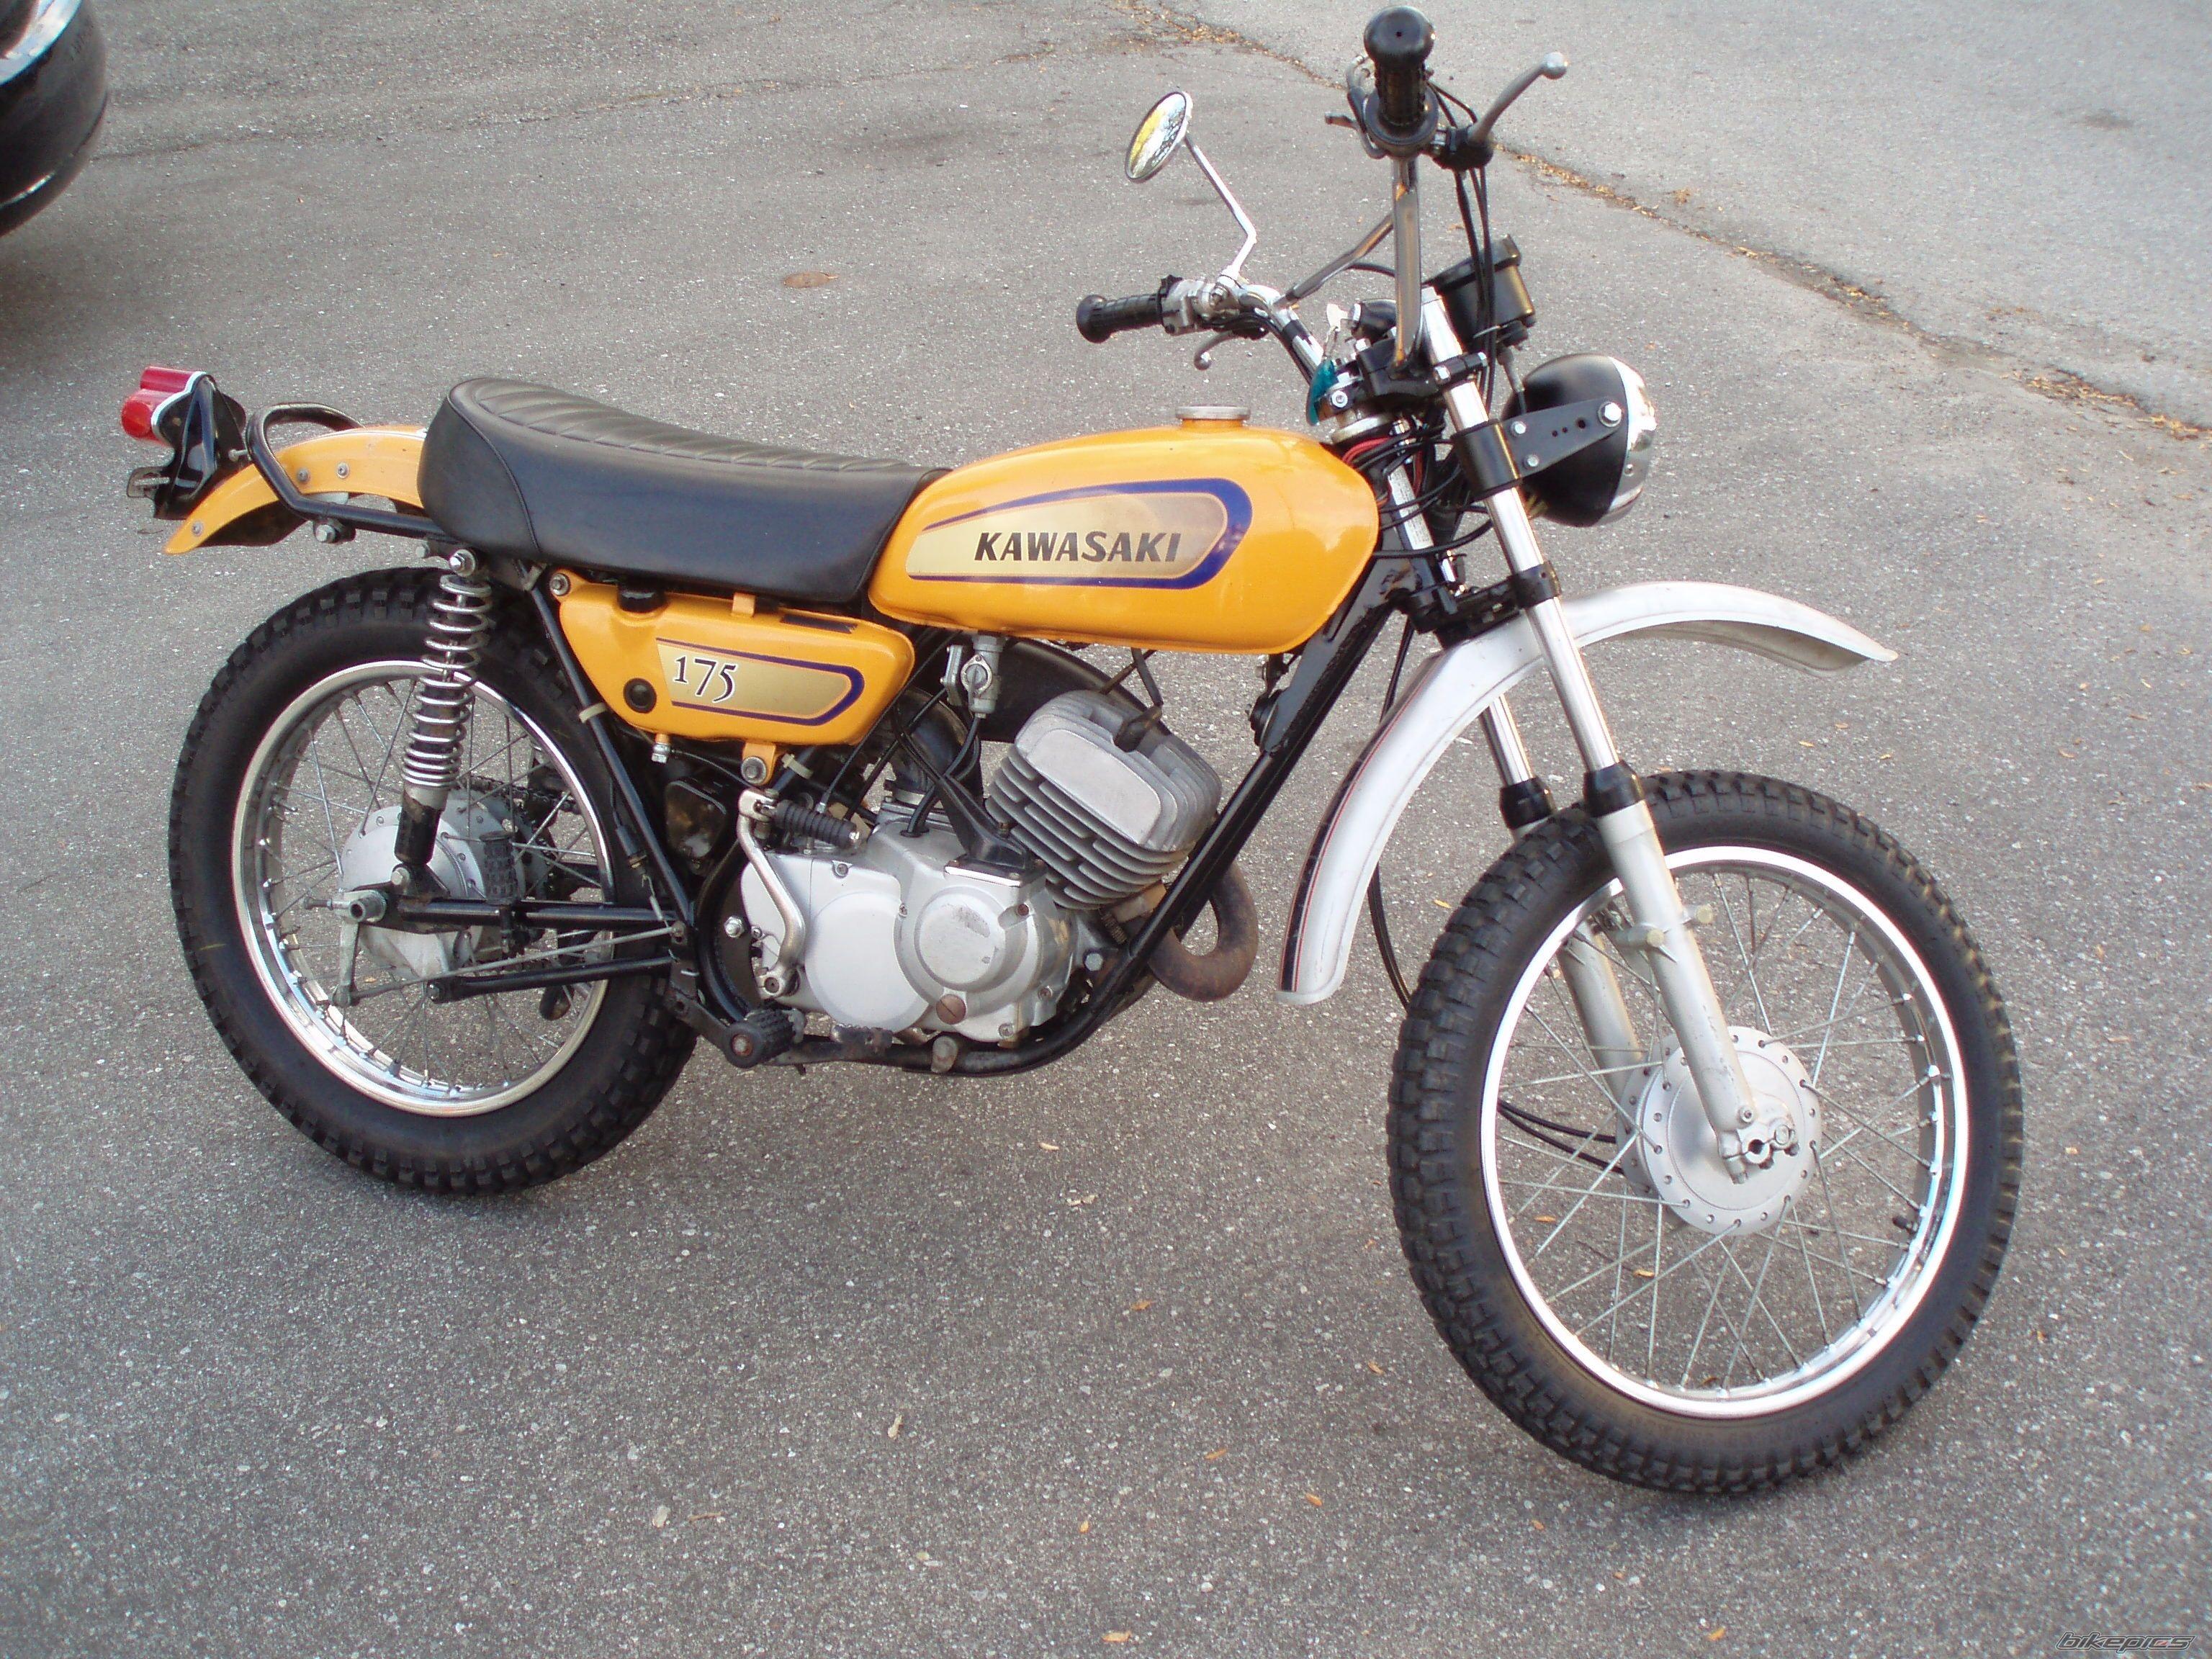 Kawasaki 175 Dirt Bike - Carburetor Gallery